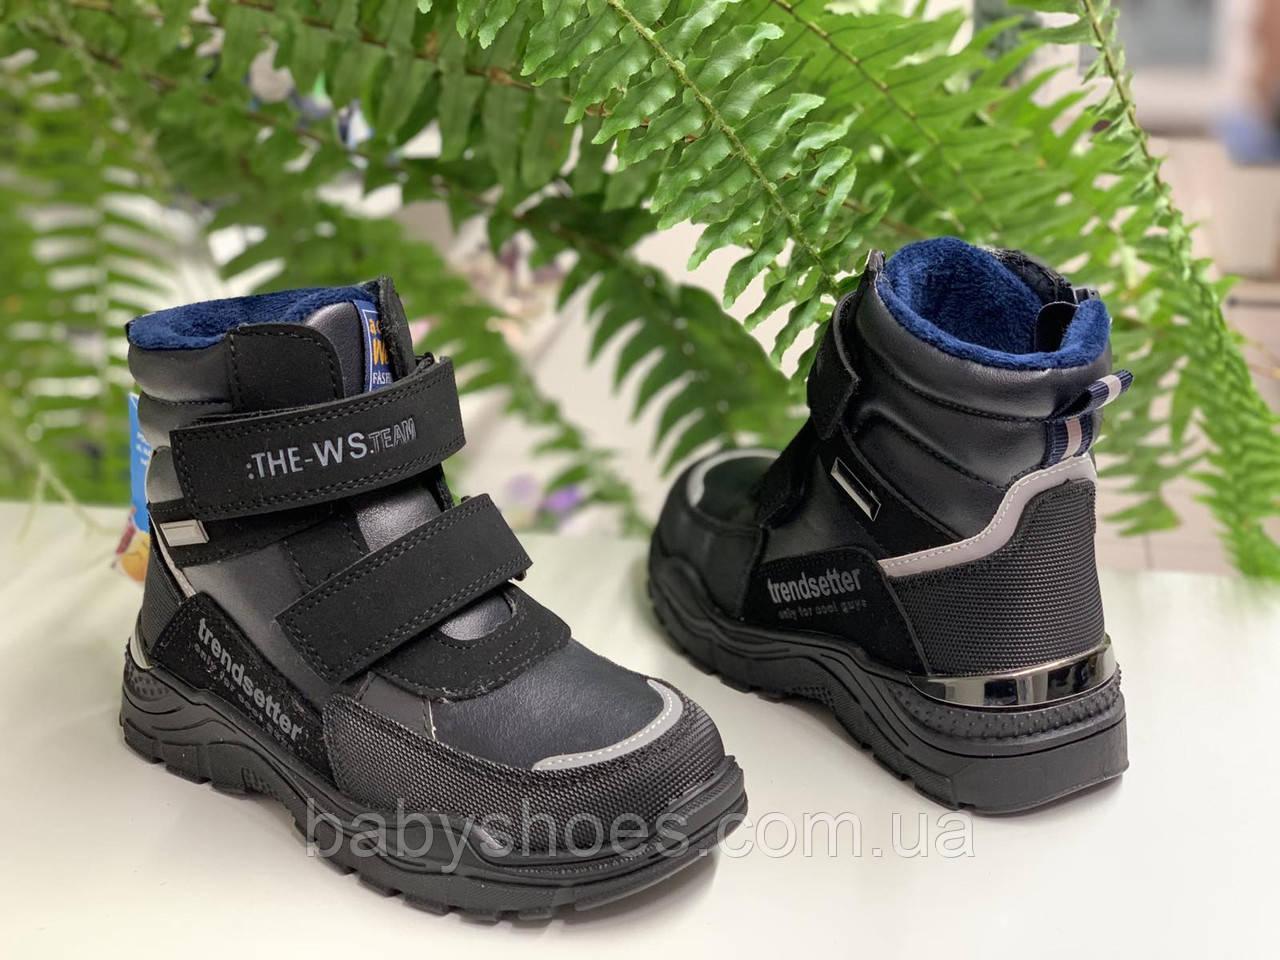 Зимние ботинки для мальчика,WeeStep Польша,черные, р.28-32, ЗМ-274